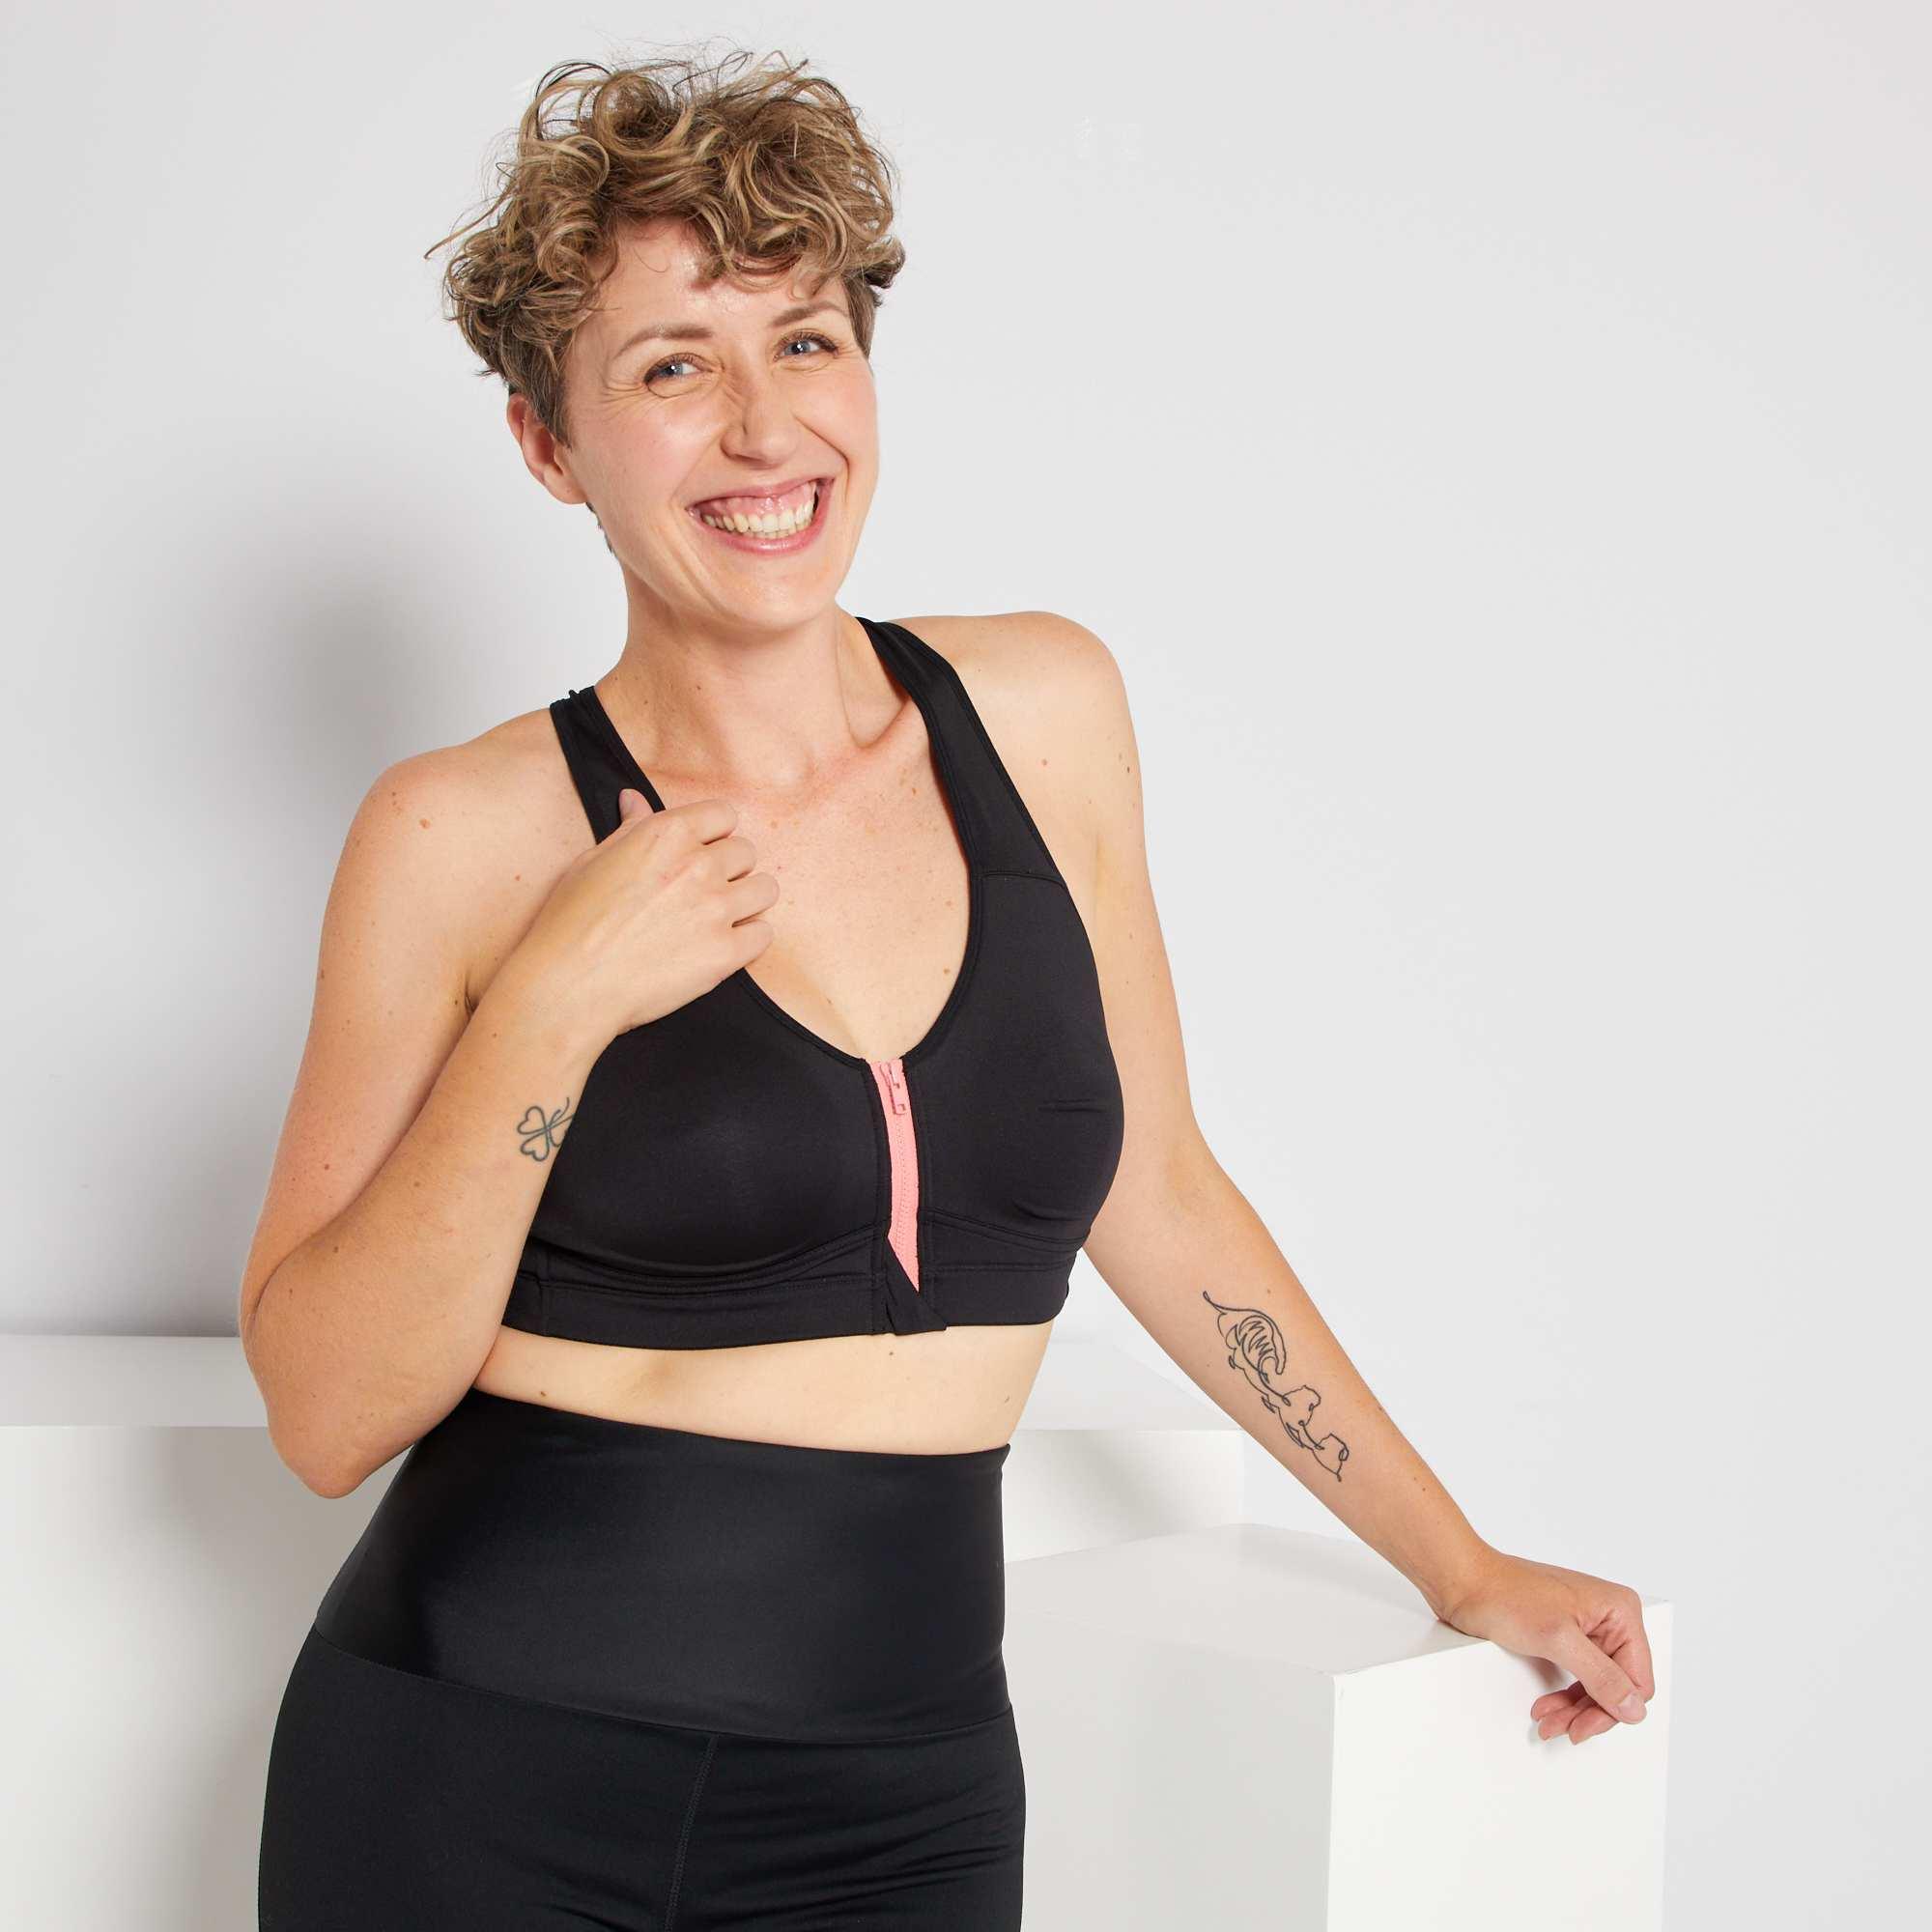 Couleur : noir, , ,, - Taille : S, , ,,Cette brasière de sport post-opération vous garantit un confort optimal durant